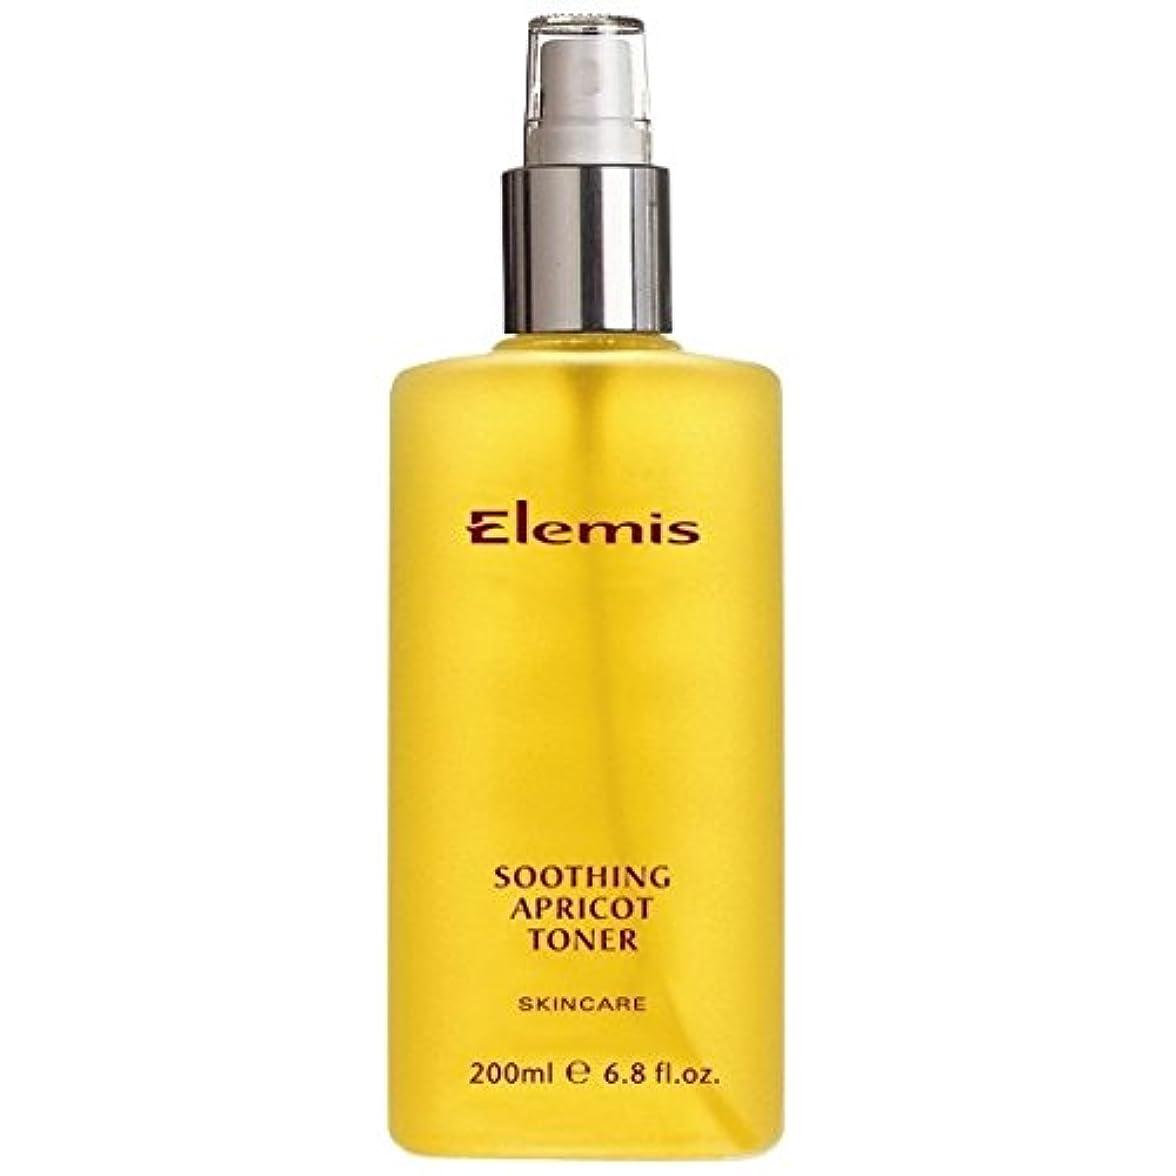 高度な作るポーンエレミスはなだめるようなアプリコットトナーをスキンケア (Elemis) (x2) - Elemis Skincare Soothing Apricot Toner (Pack of 2) [並行輸入品]